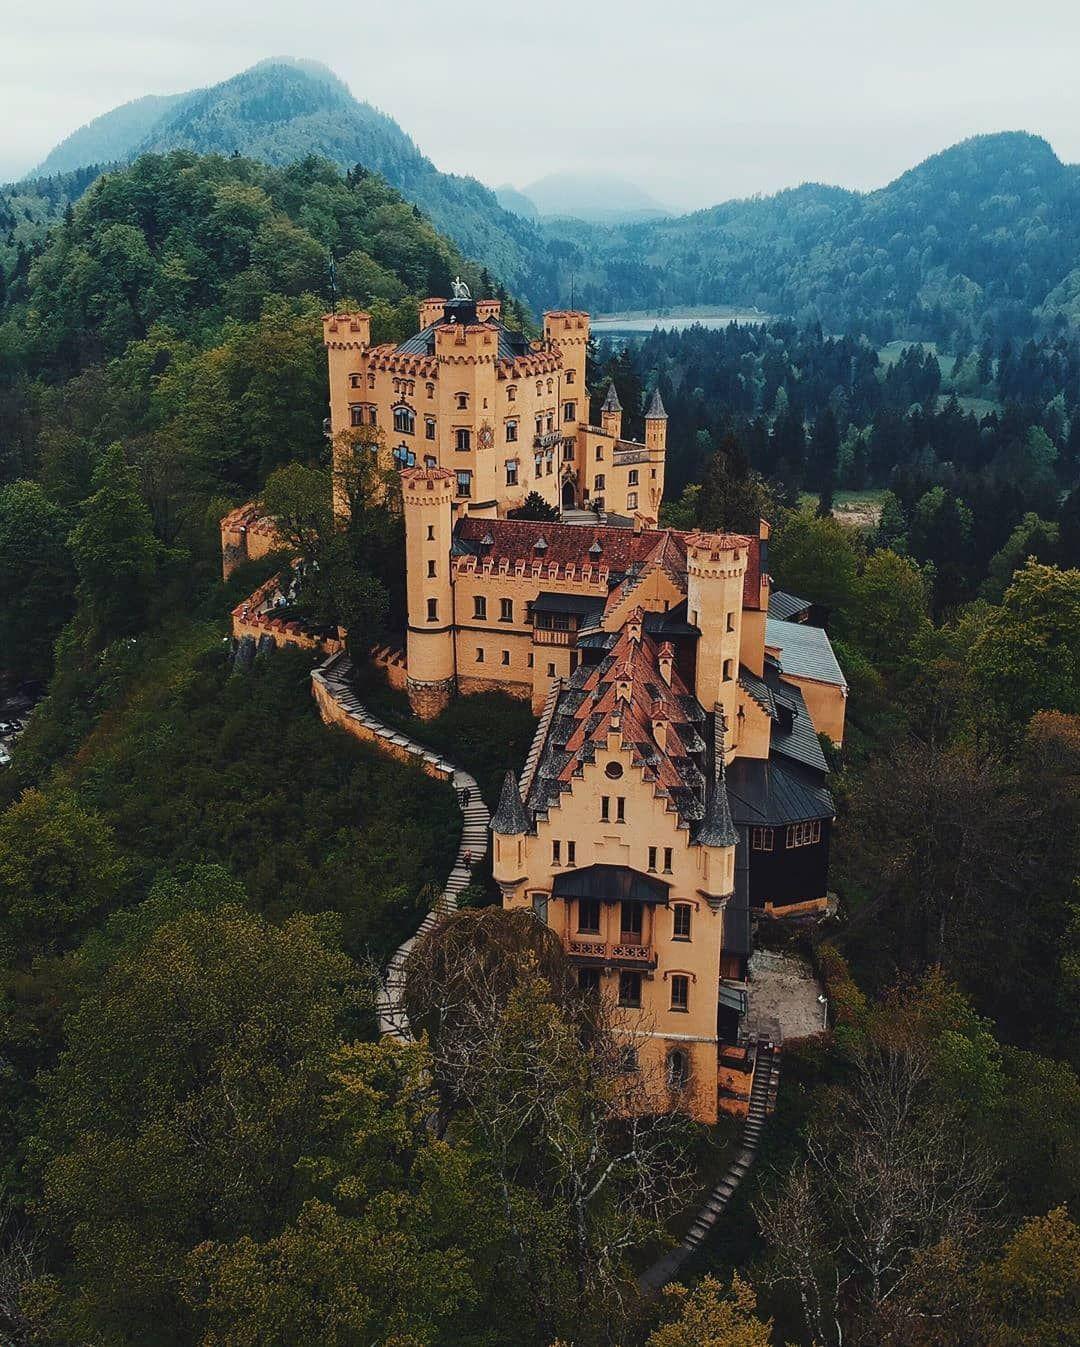 """Castles In The World on Instagram: """"Hohenschwangau Castle Germany �� - #repost @mathiaschu - #schloss #castle #castello #castillo #castelo #zamek #chateau #germany #german…"""""""